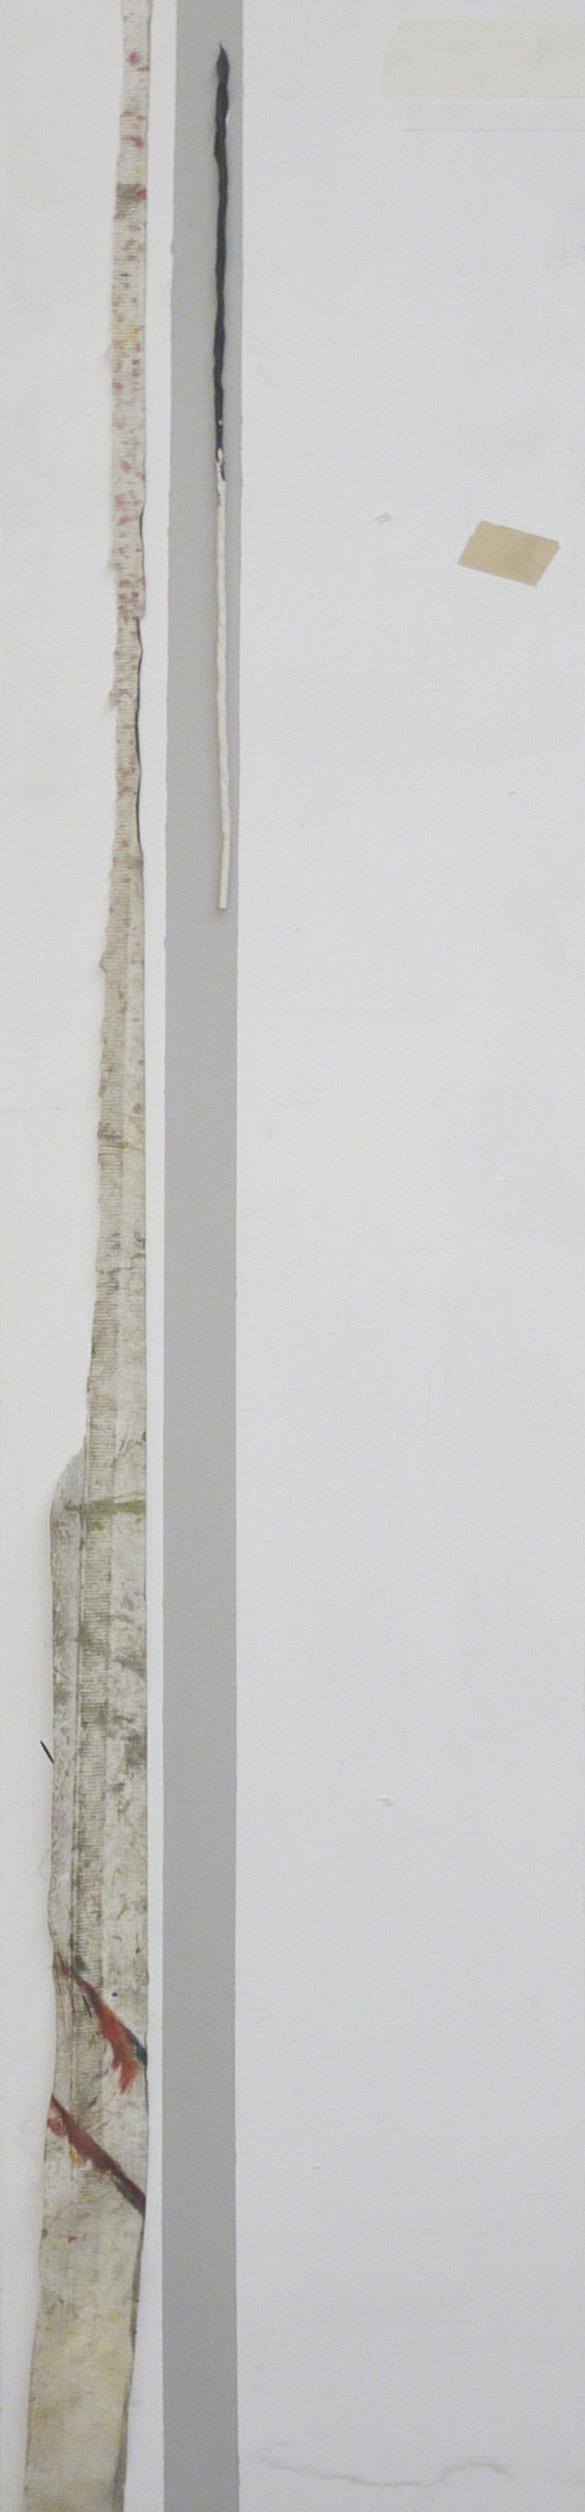 Composition 17 (2017)